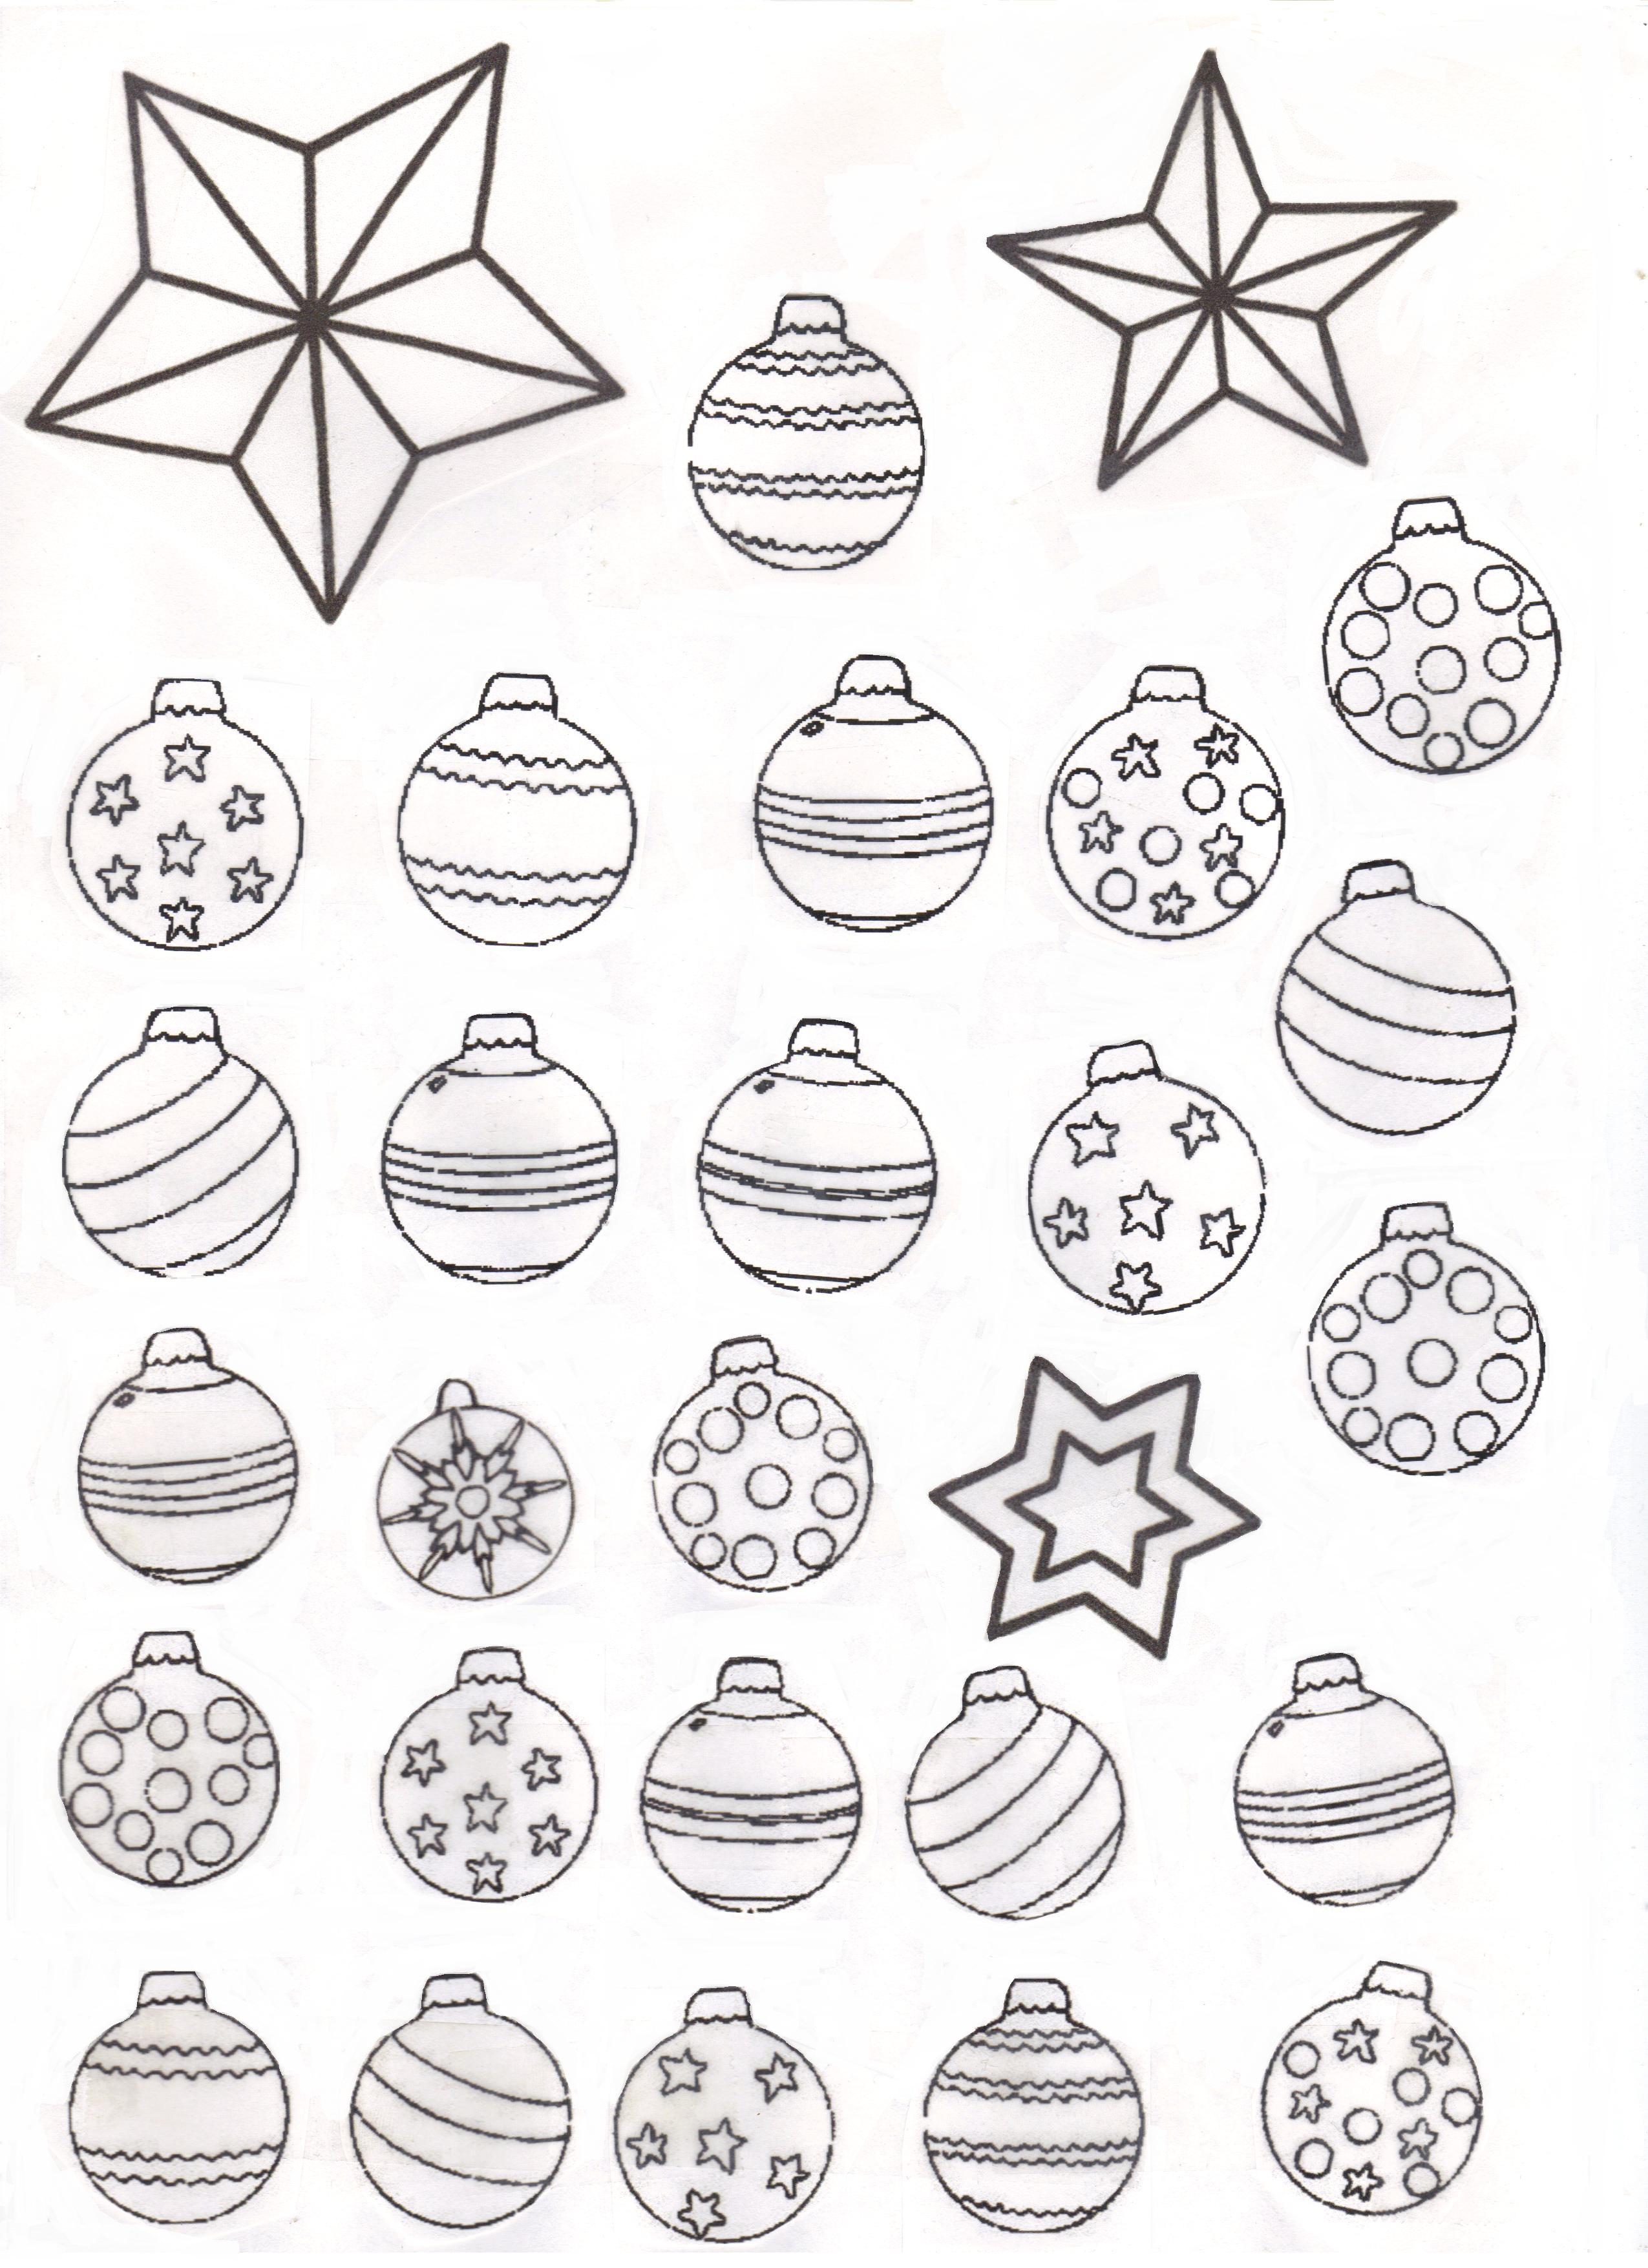 Dessin ã Colorier Boule De Noel Gratuit ã Imprimer